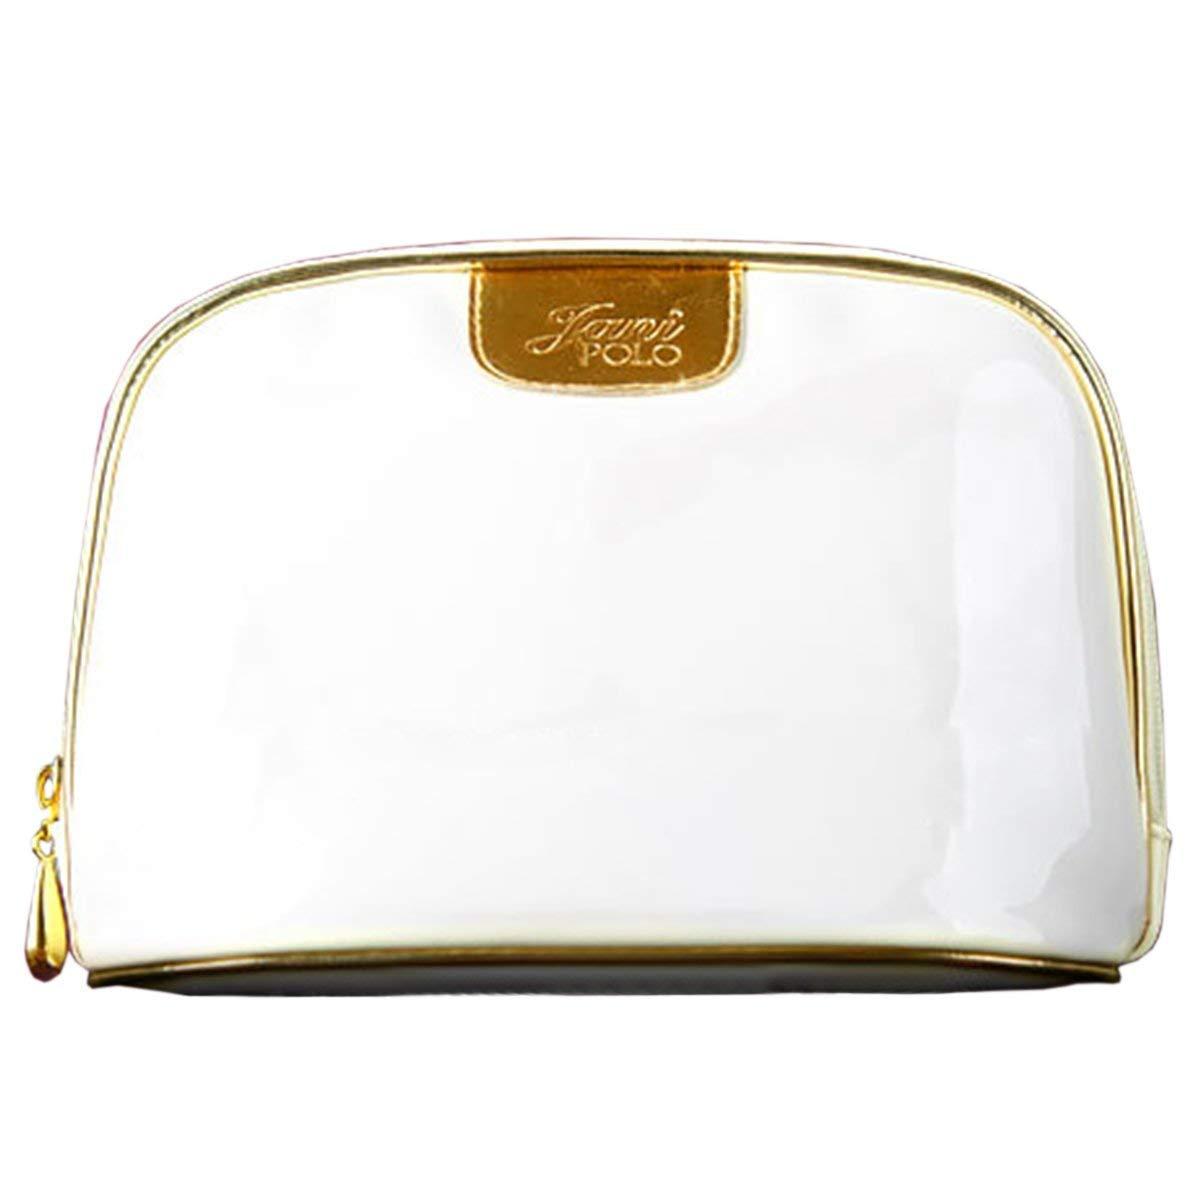 THEE Drawstring Travel Cosmetic Storage Bag Waterproof Women's Toiletry Bag Wash Bag Makeup Kit Organizer JJJSN3lb